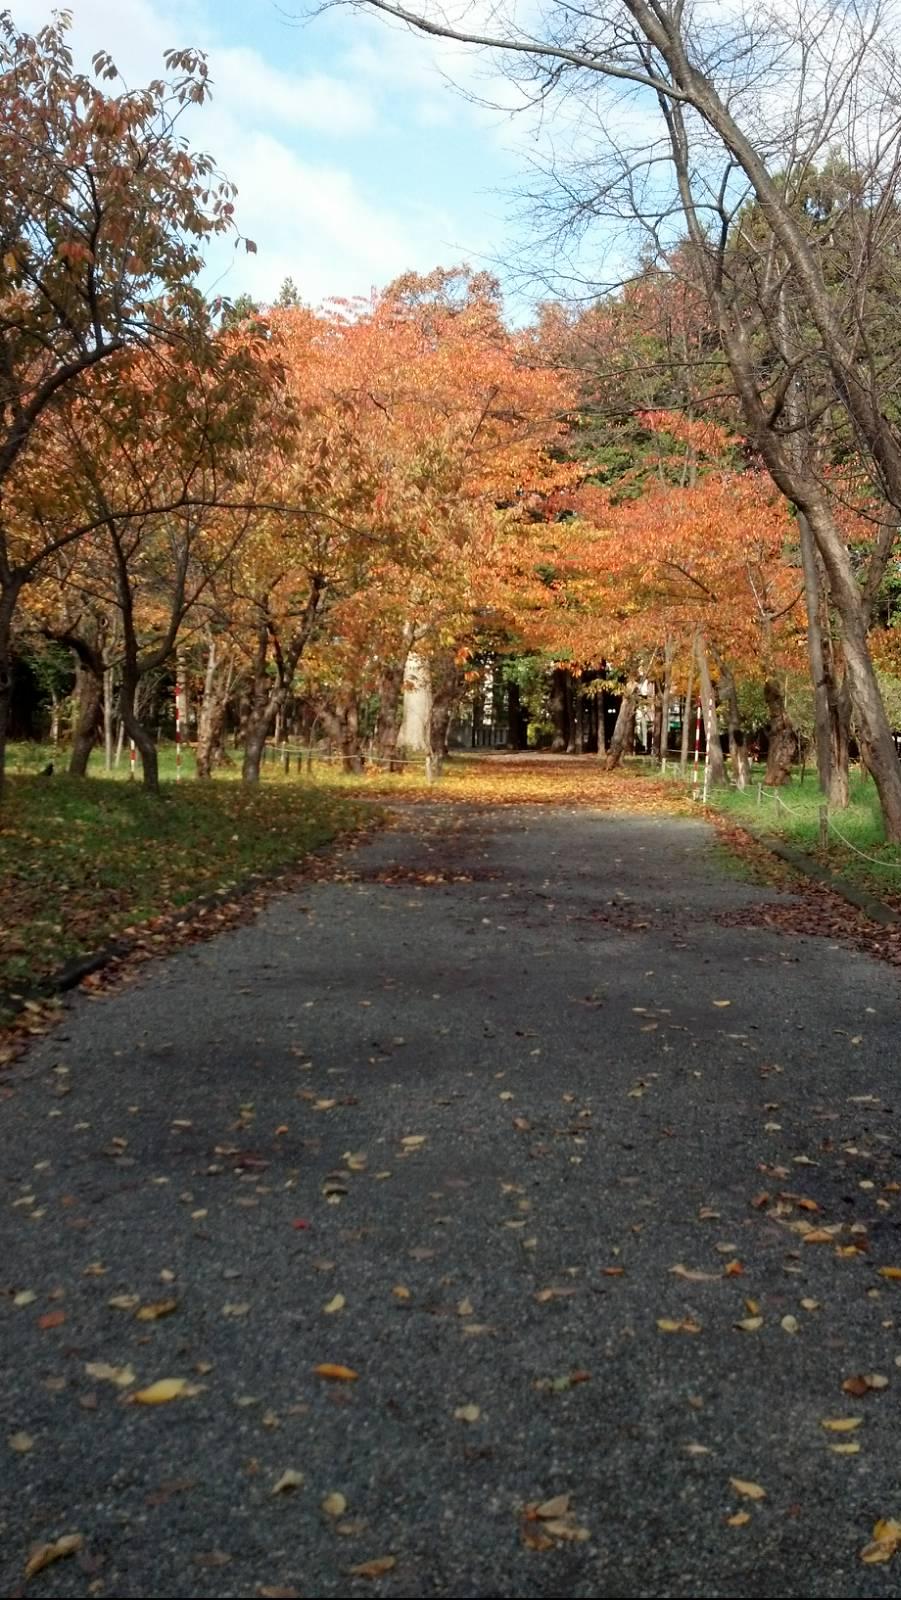 http://gentleone.jp/teams/hokkaido/2012-11-10_10-24-57_841-1.jpg